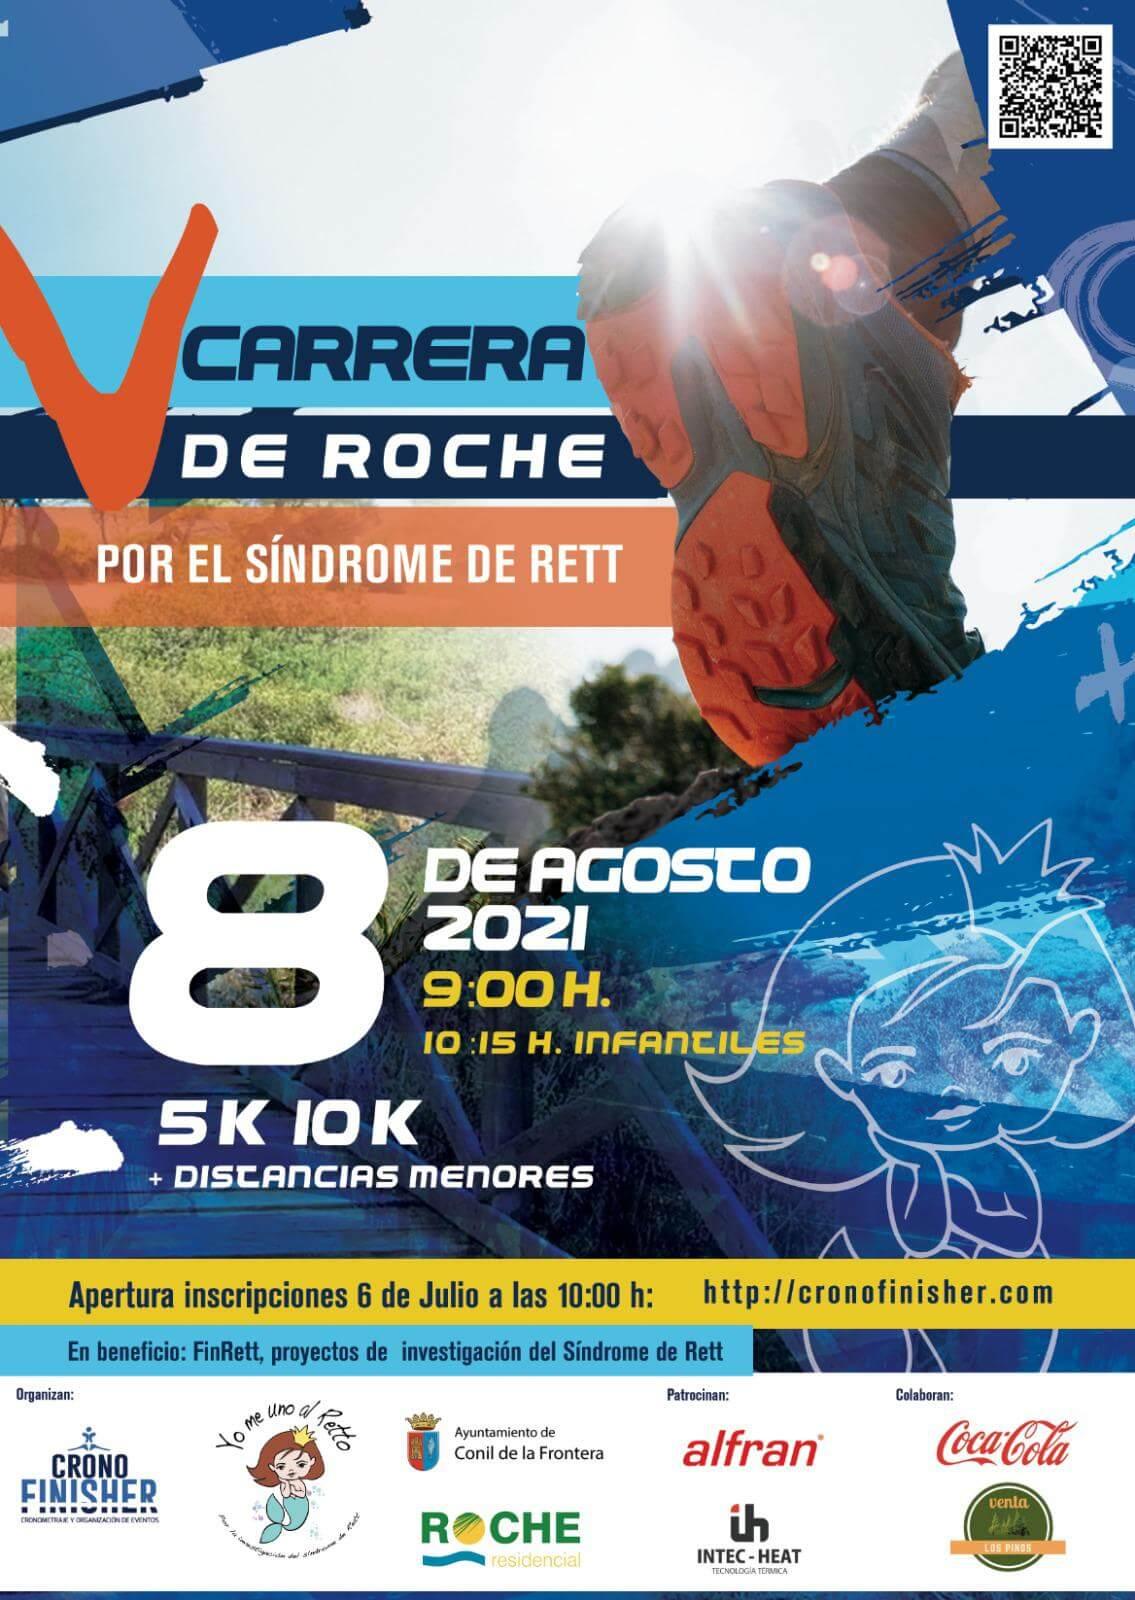 V Carrera de Roche por el Sindrome de Rett